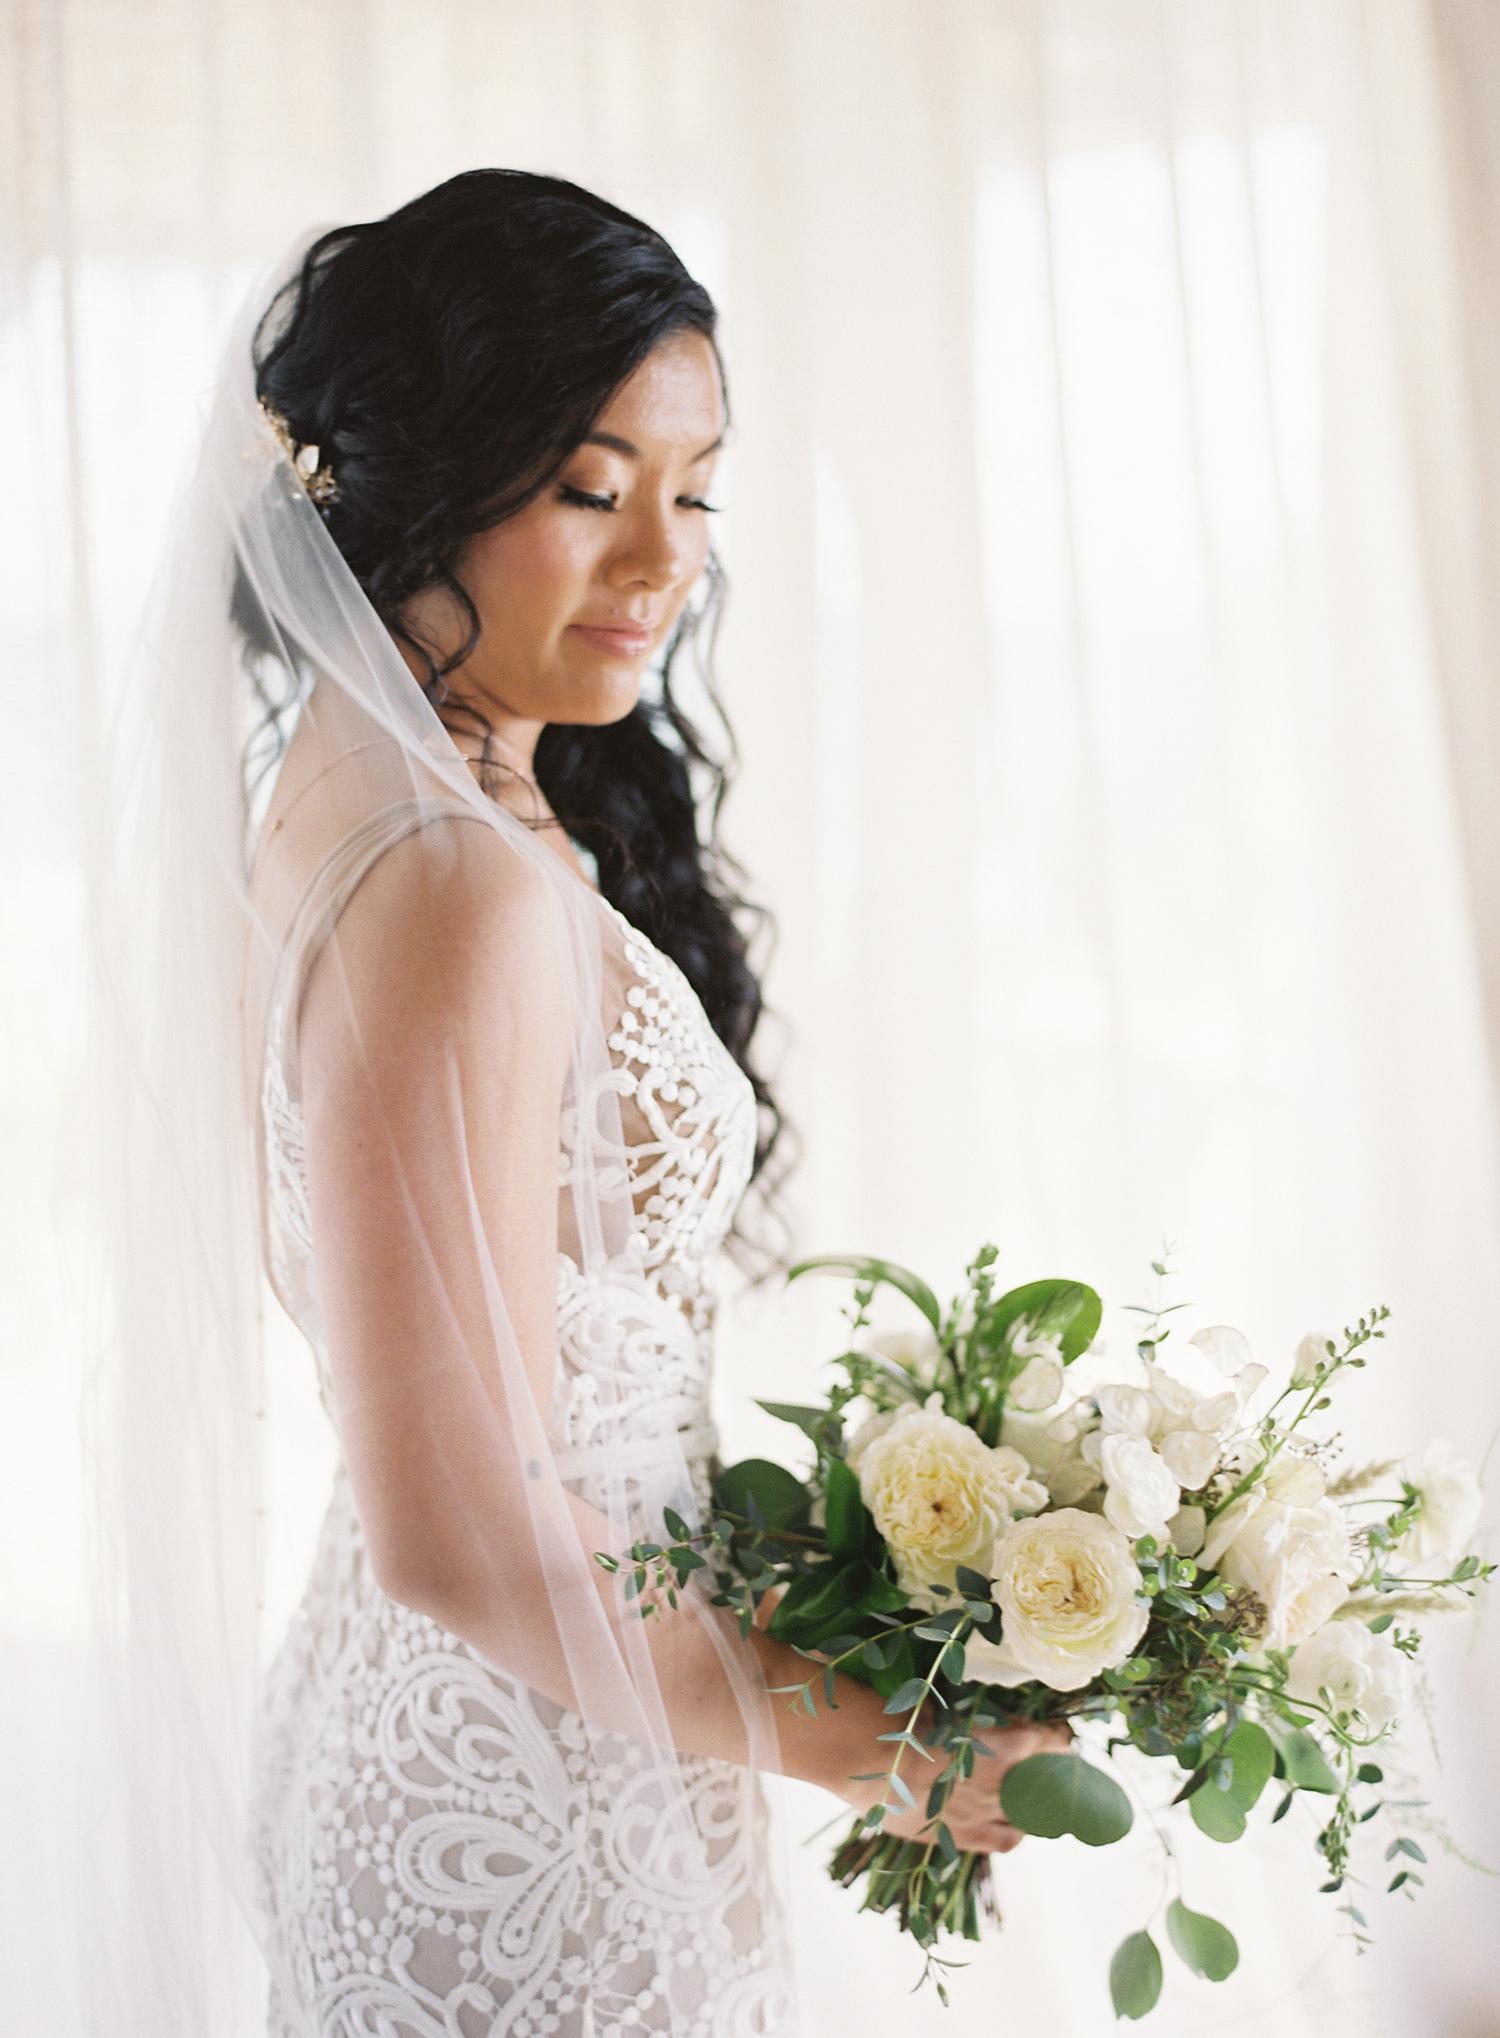 portrait sophie with wedding-bouquet